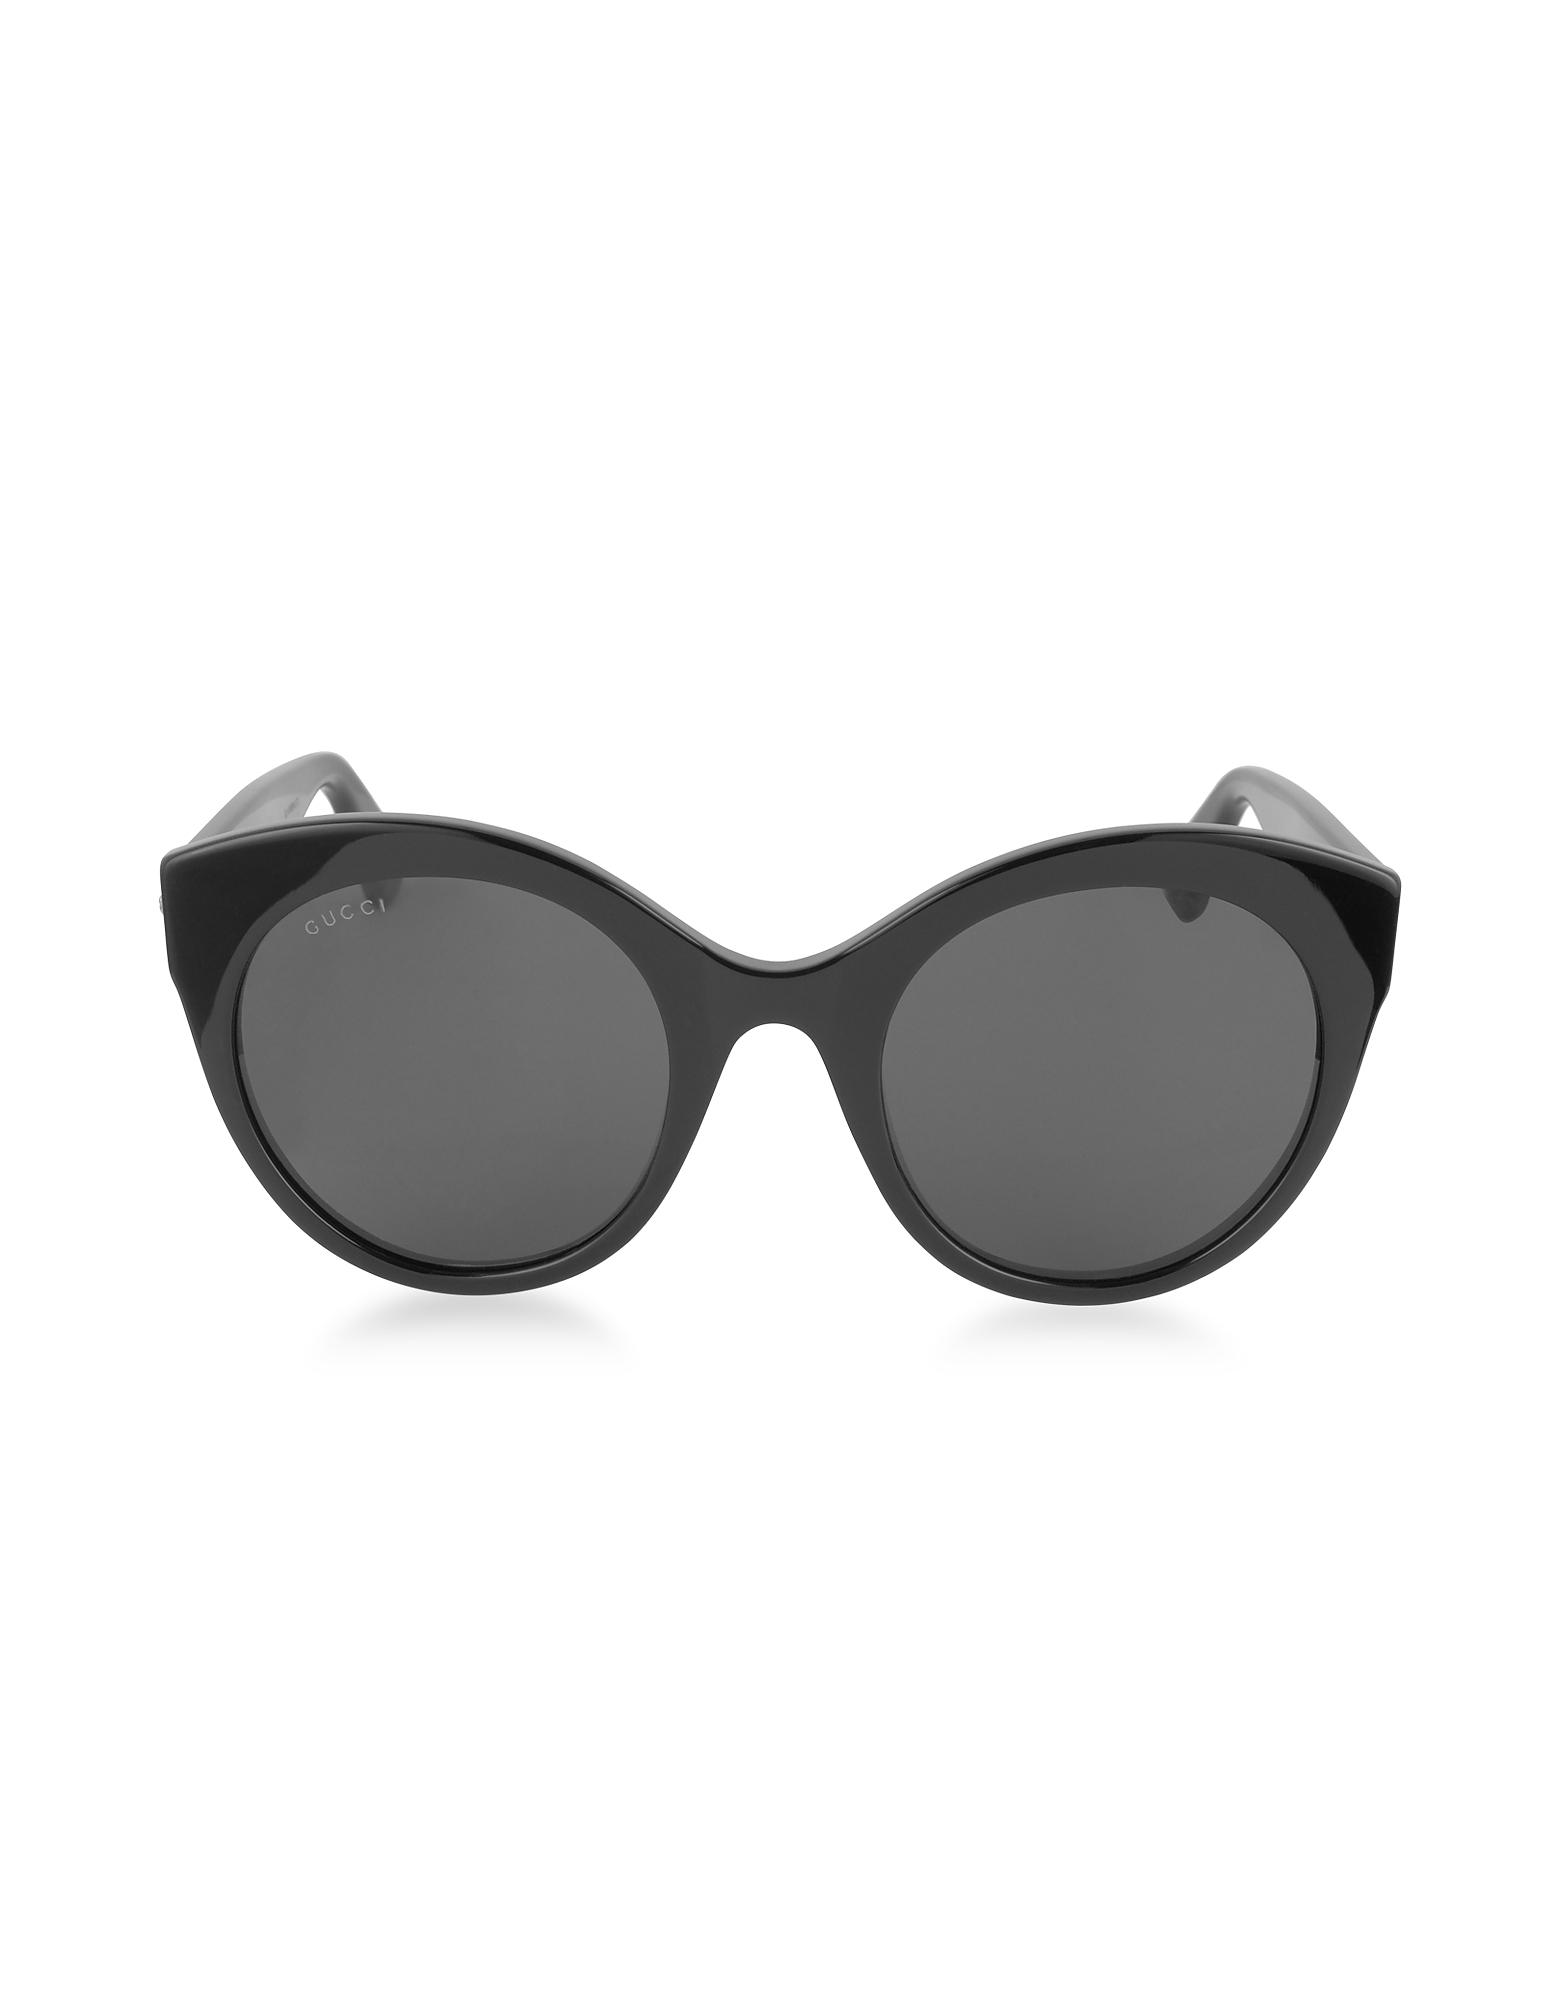 Фото GG0028S 001 - Большие Черные Женские Солнечные Очки из Ацетата в Оправе Кошачий Глаз. Купить с доставкой